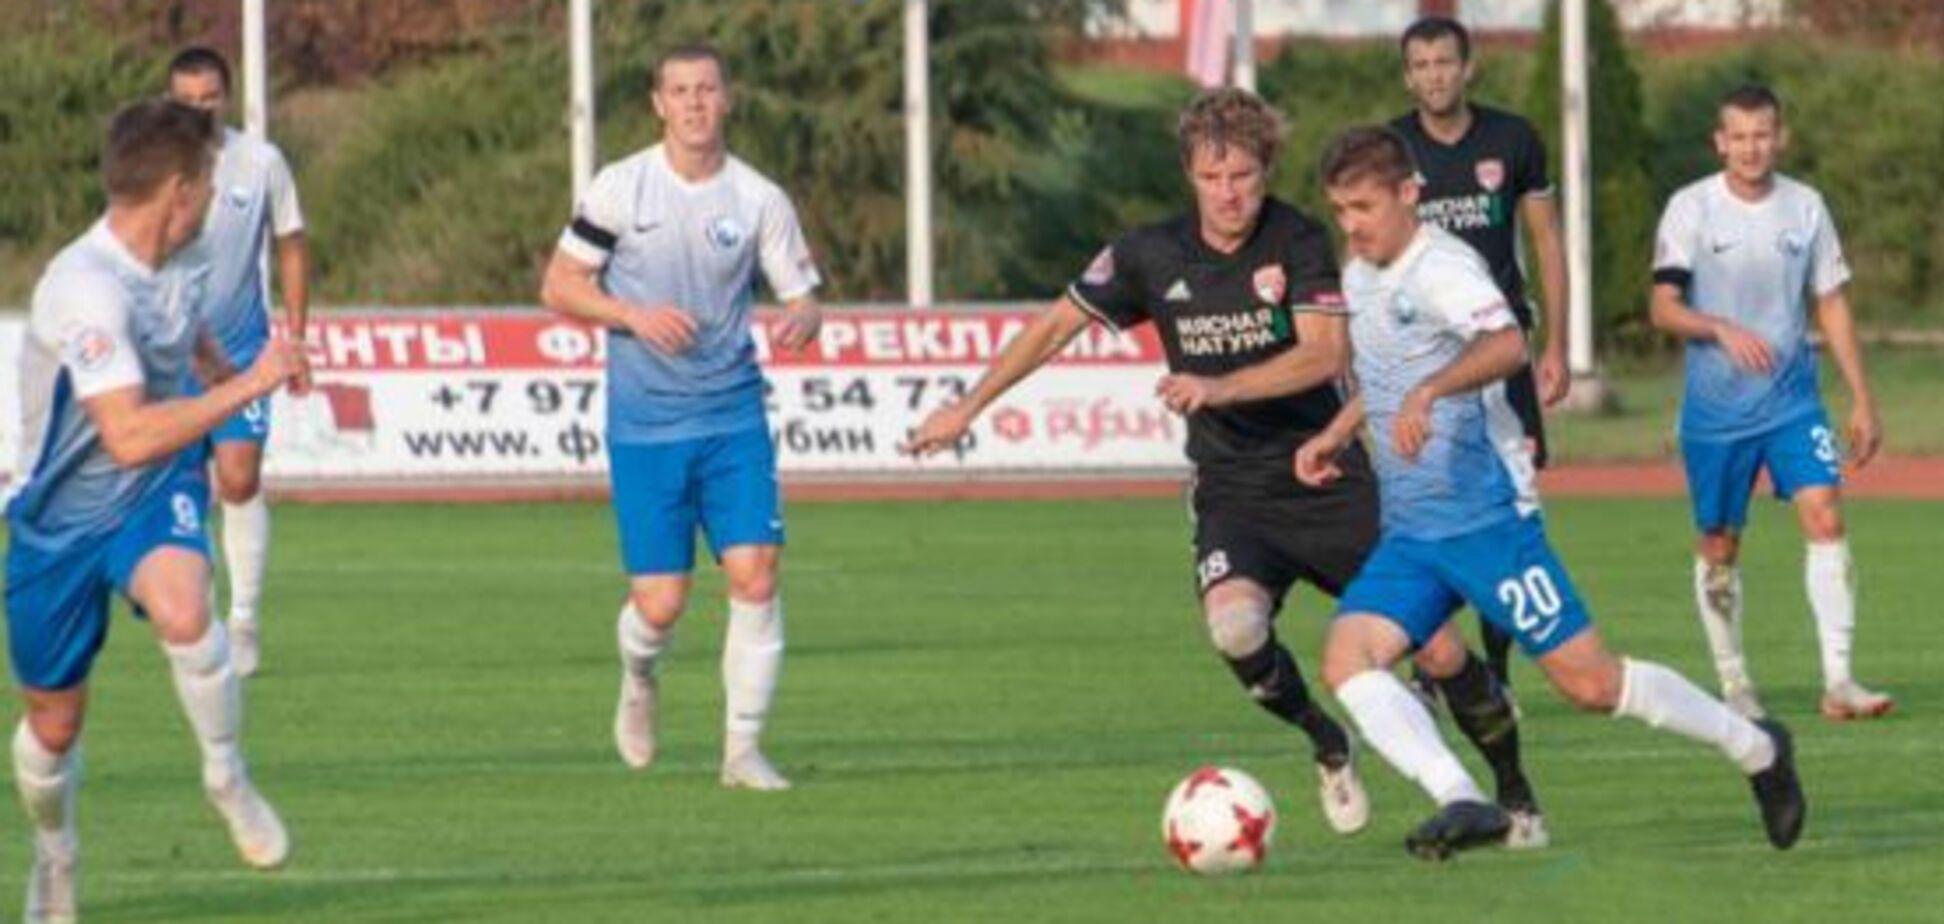 ''Важке становище'': Росія ''кинула'' футбольних зрадників у Криму